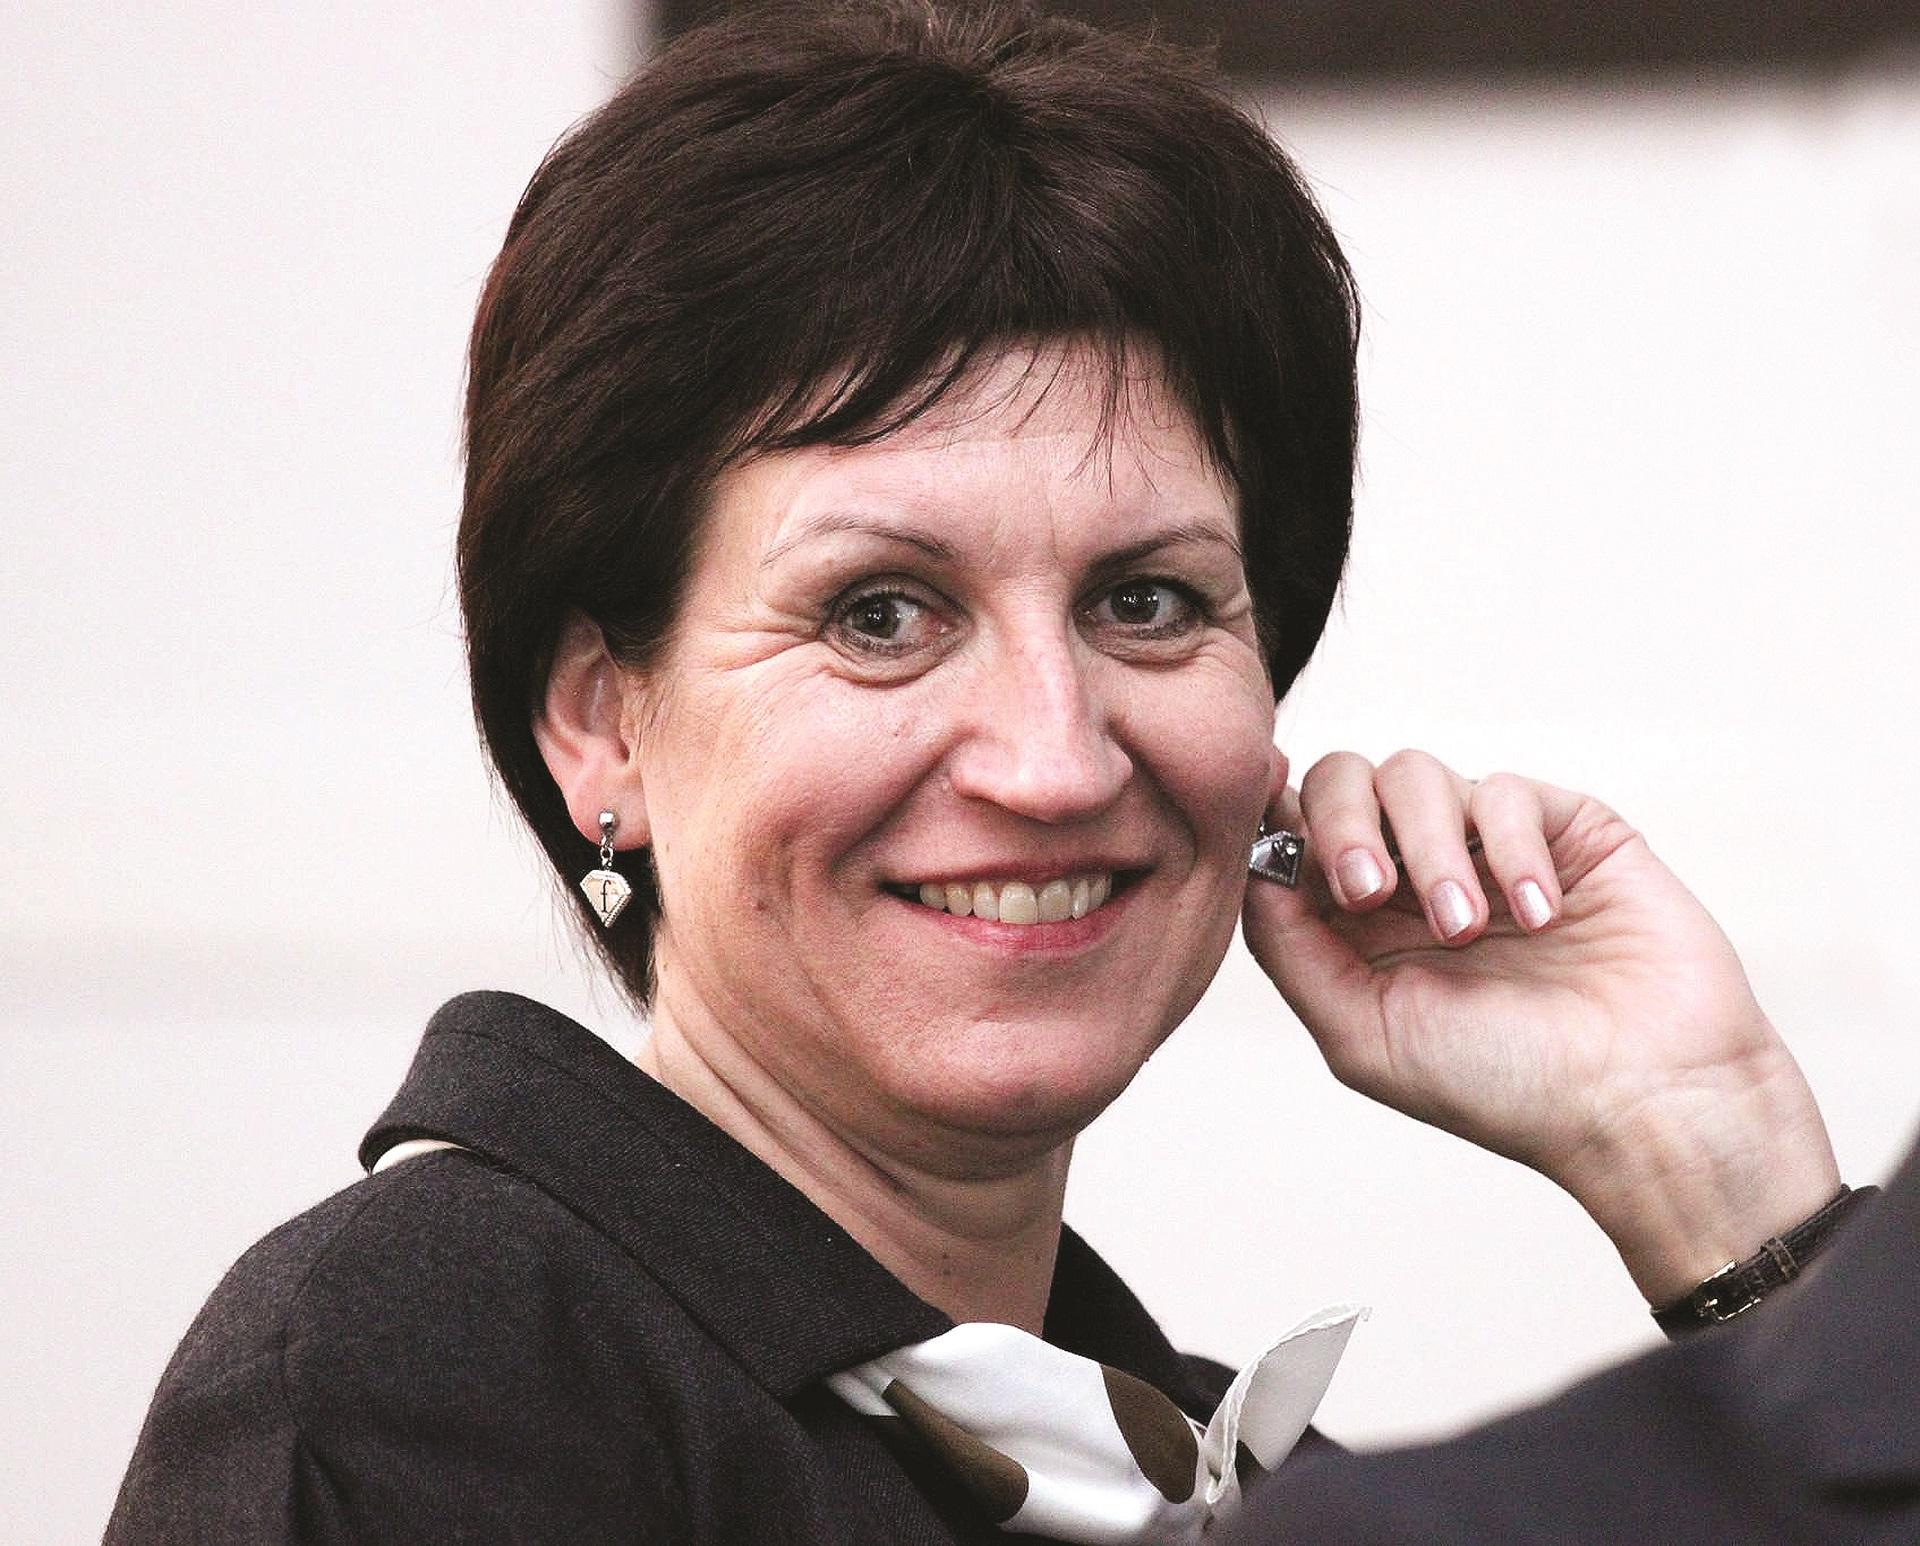 """Ingrida Marijošienė: """"Yra mokėjimų eilė, į kurią visi mokėjimai rikiuojami, ir kai ateis ta eilė, pagal finansines galimybes mes viską apmokėsime.""""/ G. Minelgaitės nuotr."""